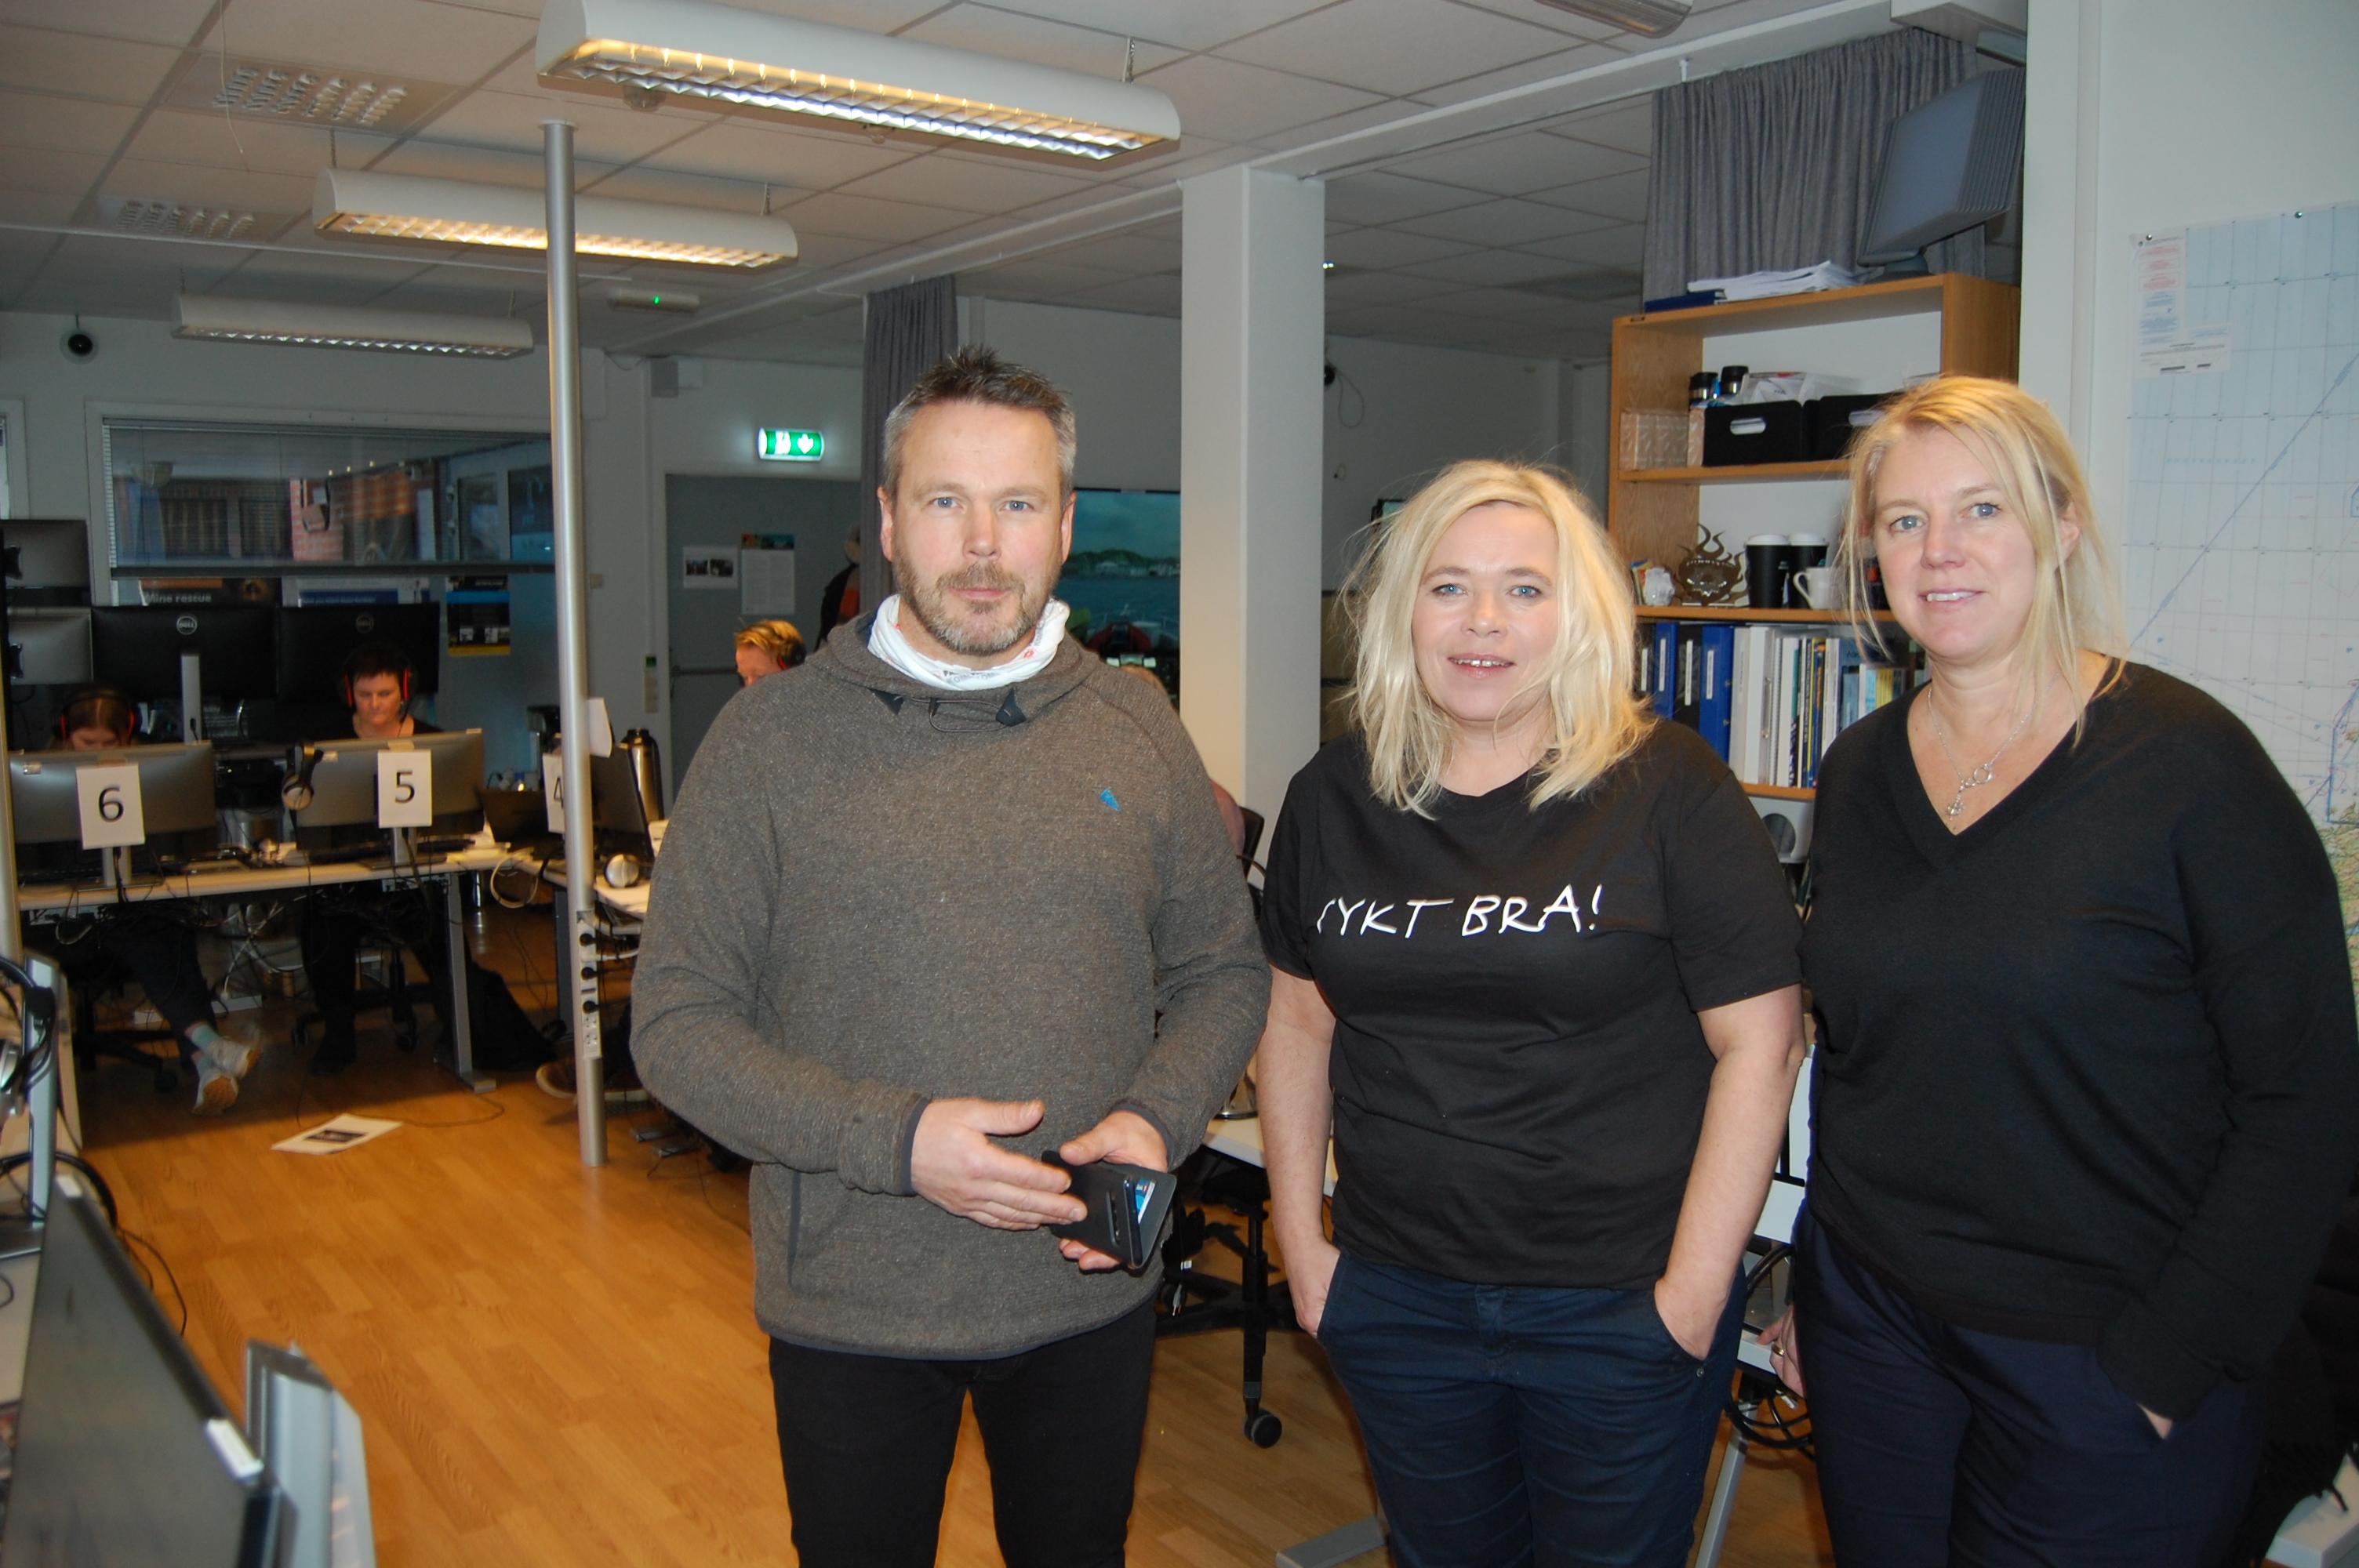 øvelse hacking foto Stig Bjørnar Karlsen